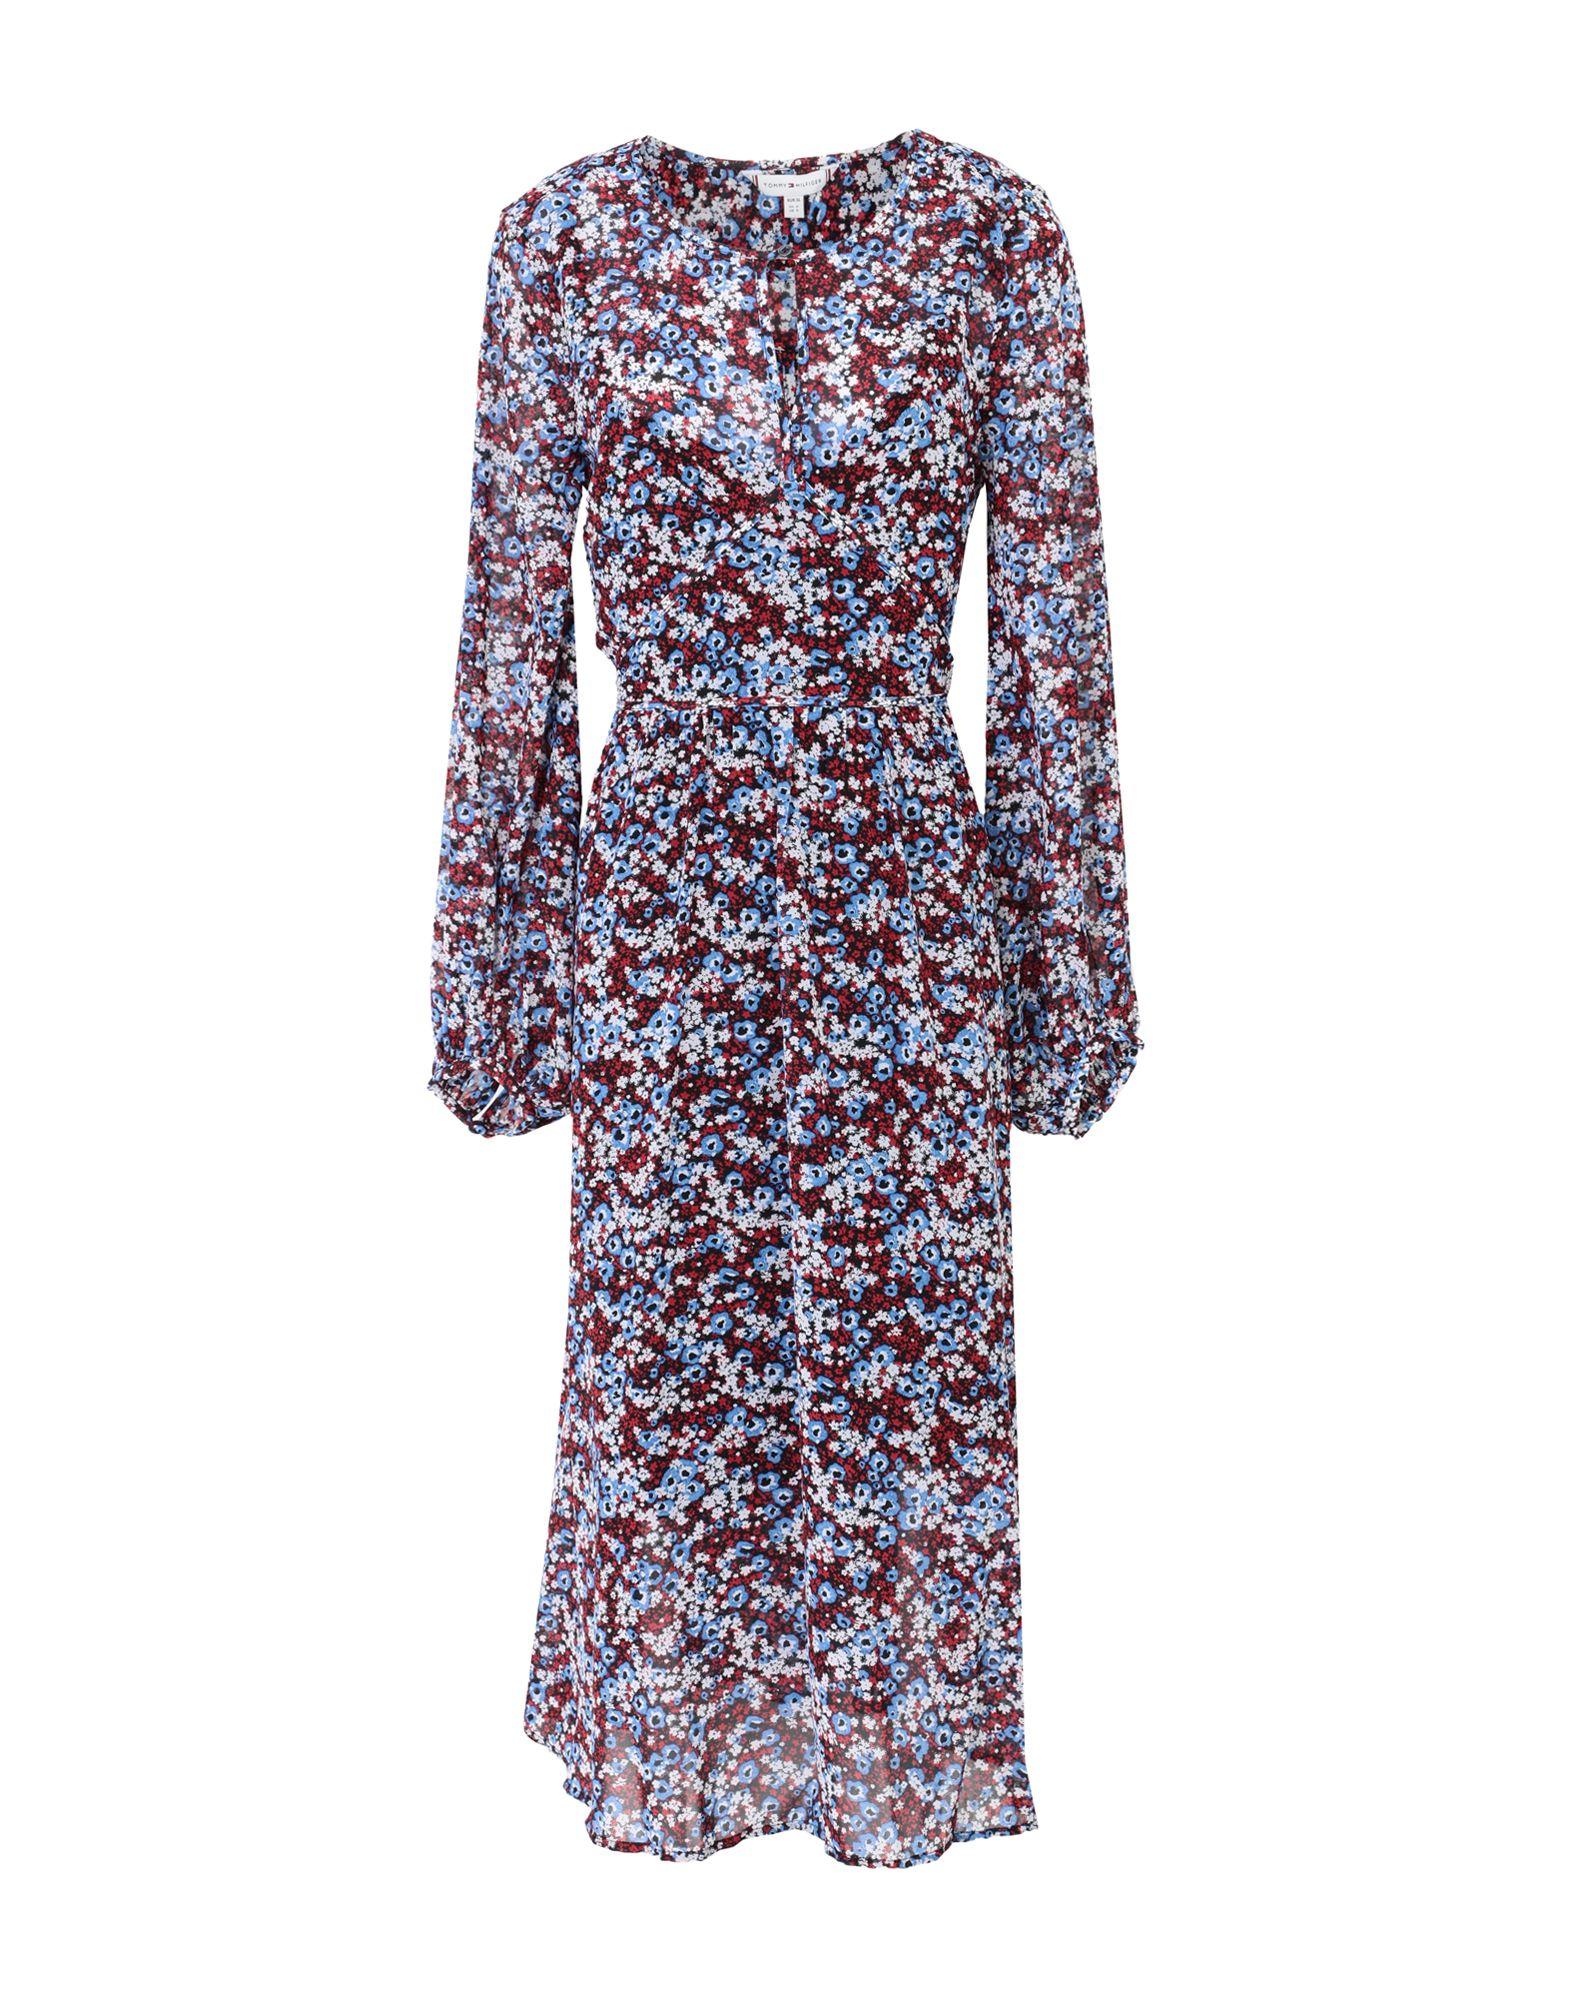 TOMMY HILFIGER Платье длиной 3/4 платье с круглой горловиной на завязках tommy hilfiger